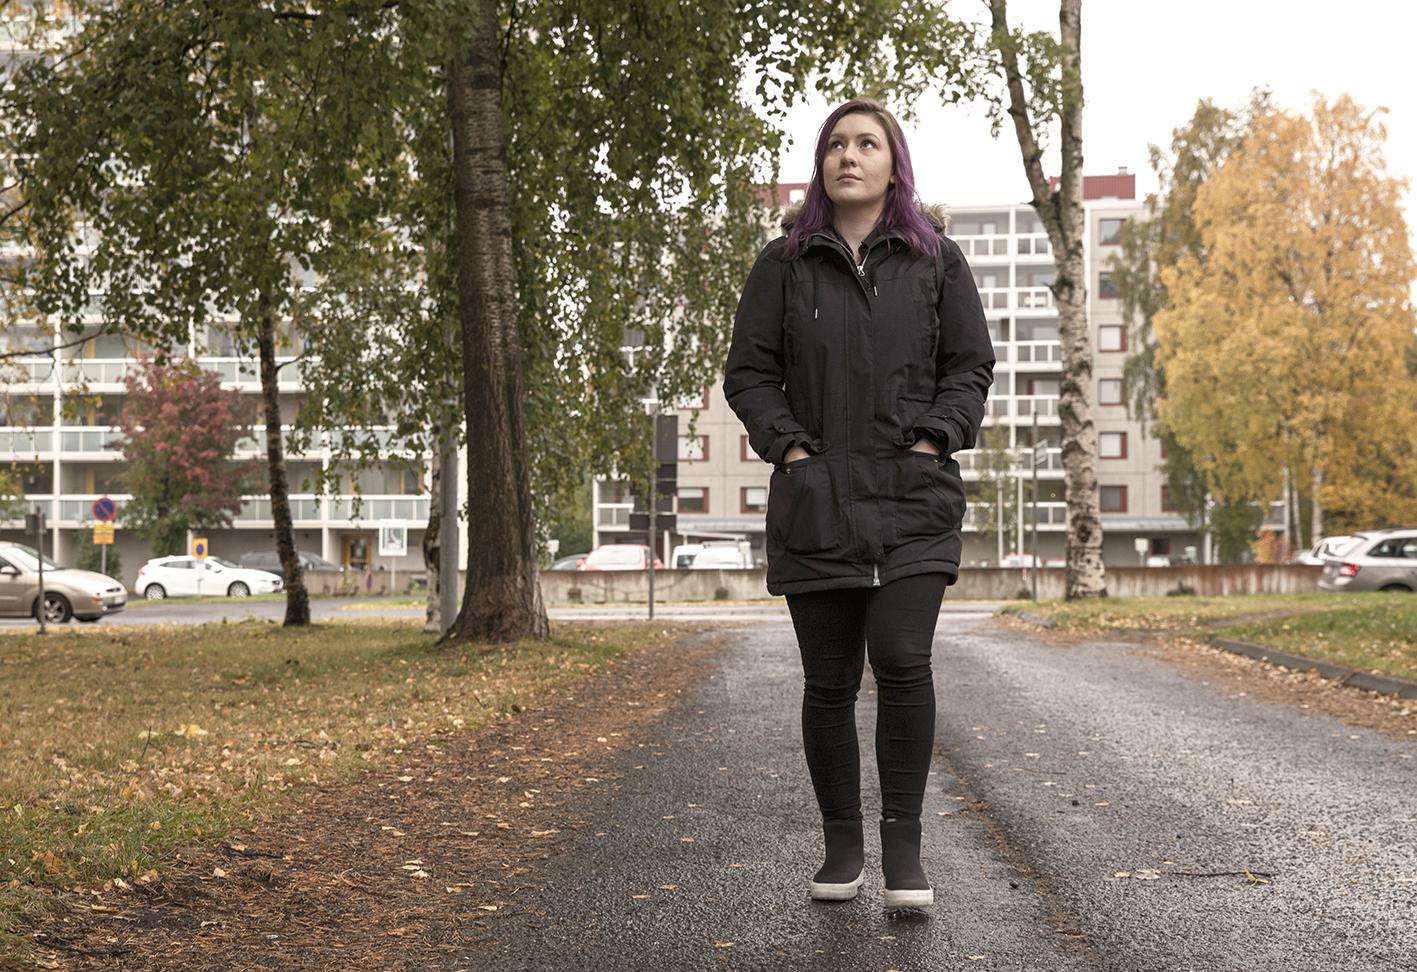 Nuori nainen kävelee syksyisessä kaupunkimaisemassa.